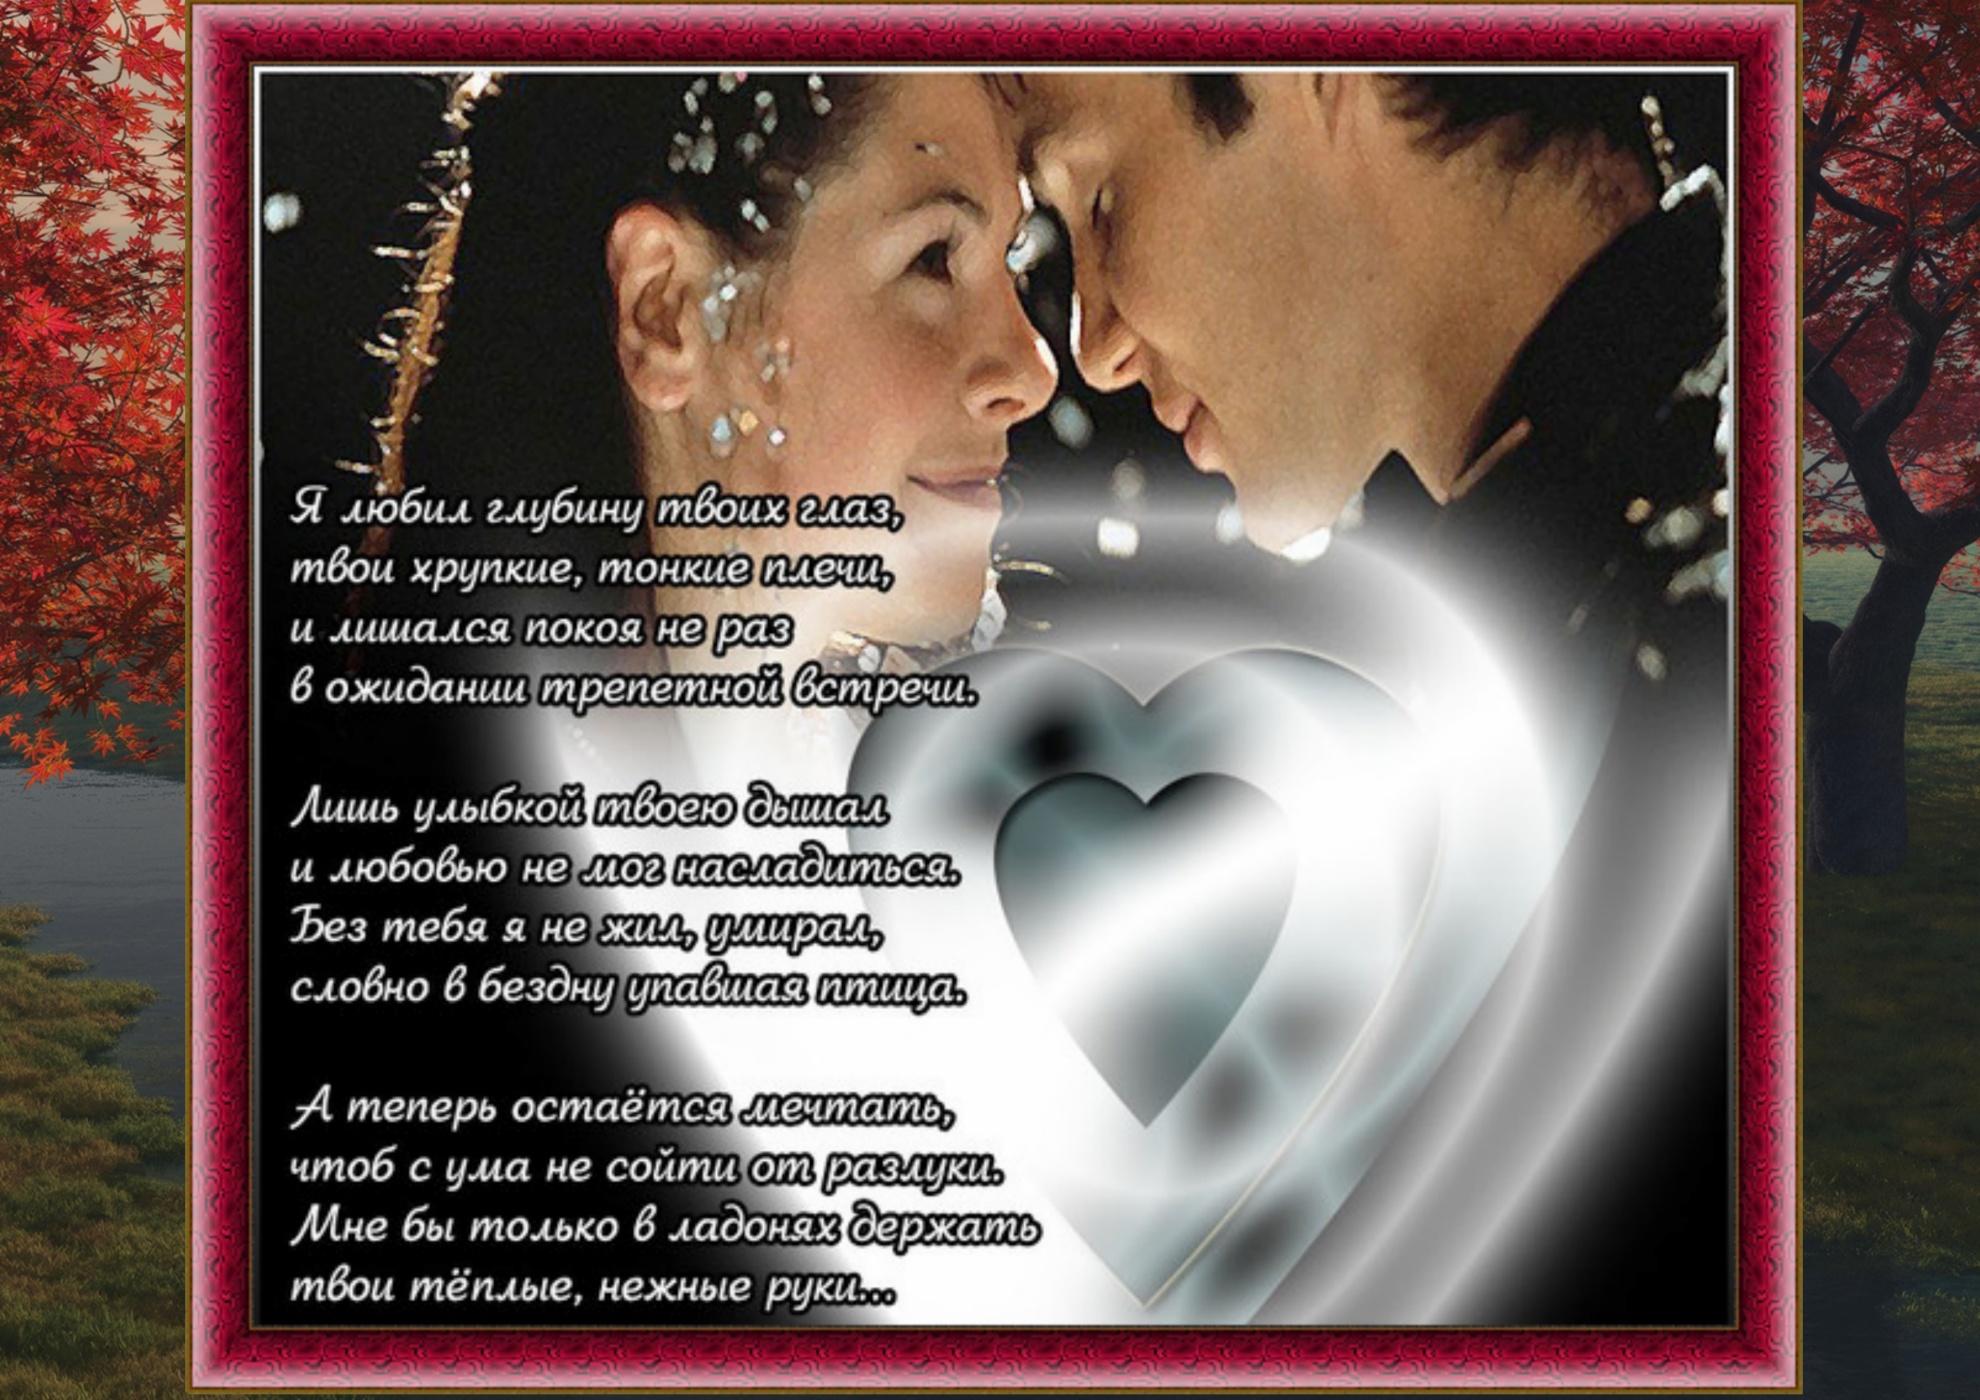 Признания - Открытки для любимых и о любви - Love 91